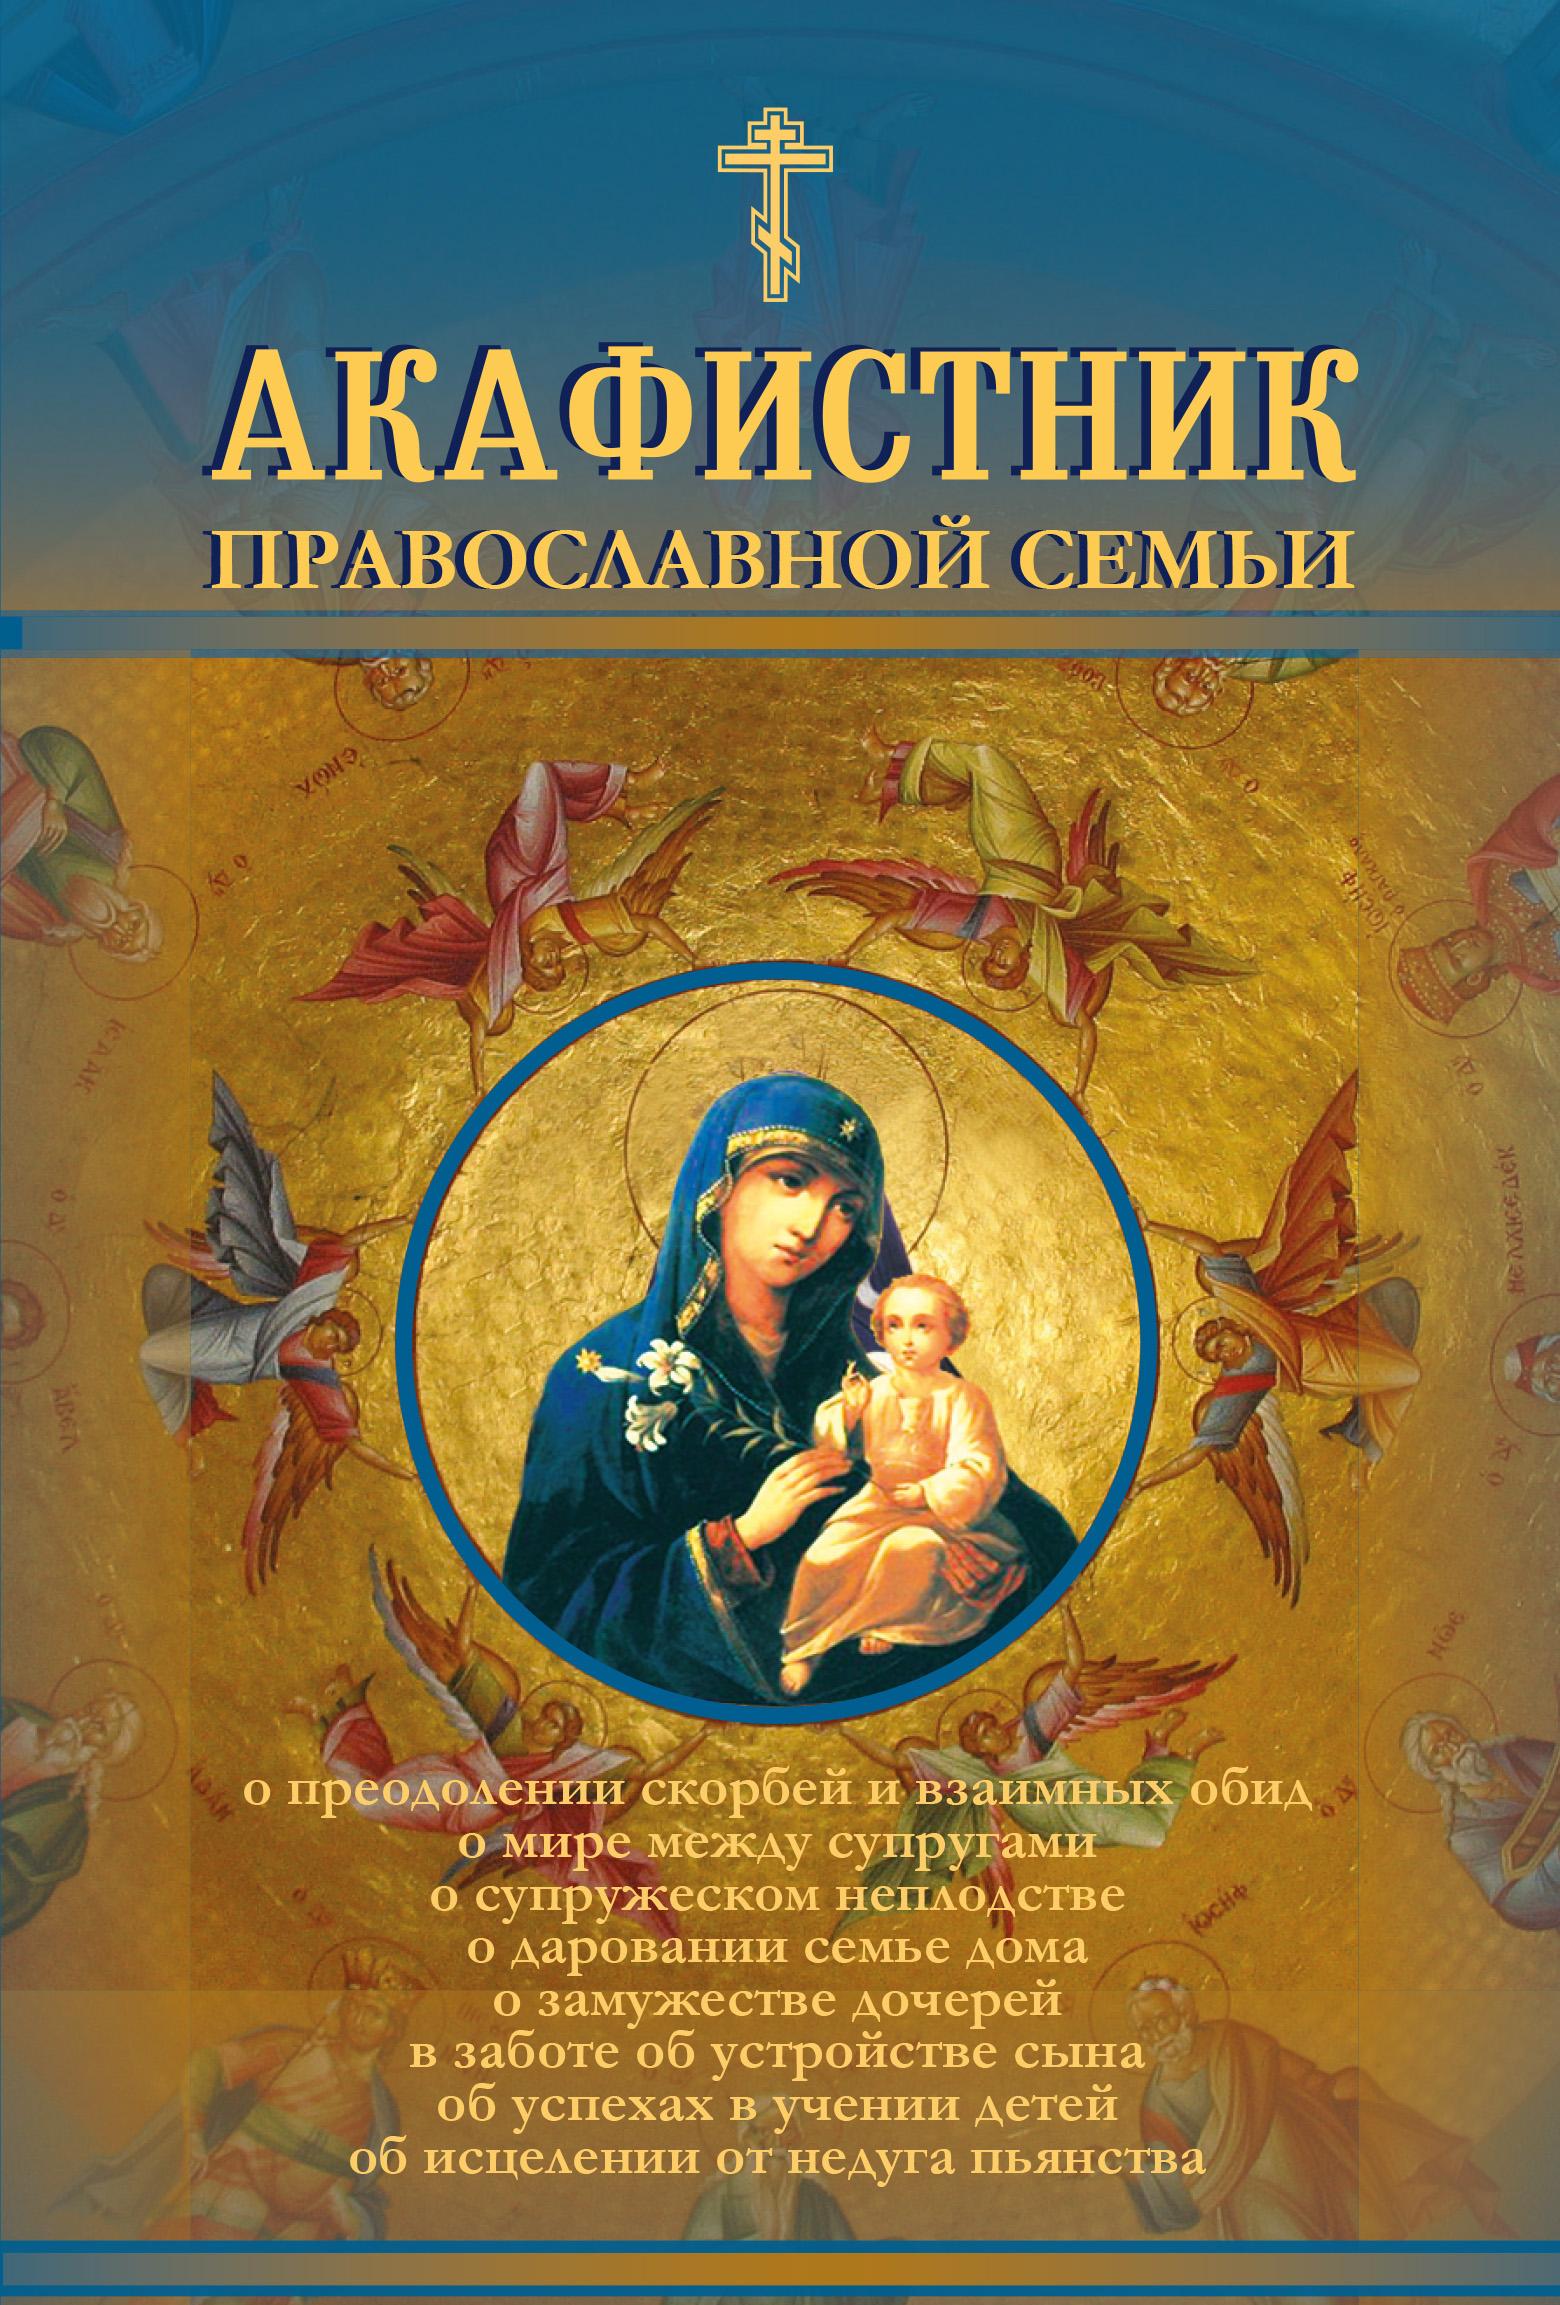 Фото - Отсутствует Акафистник православной семьи как помочь страдающим от недуга пьянства и наркомании